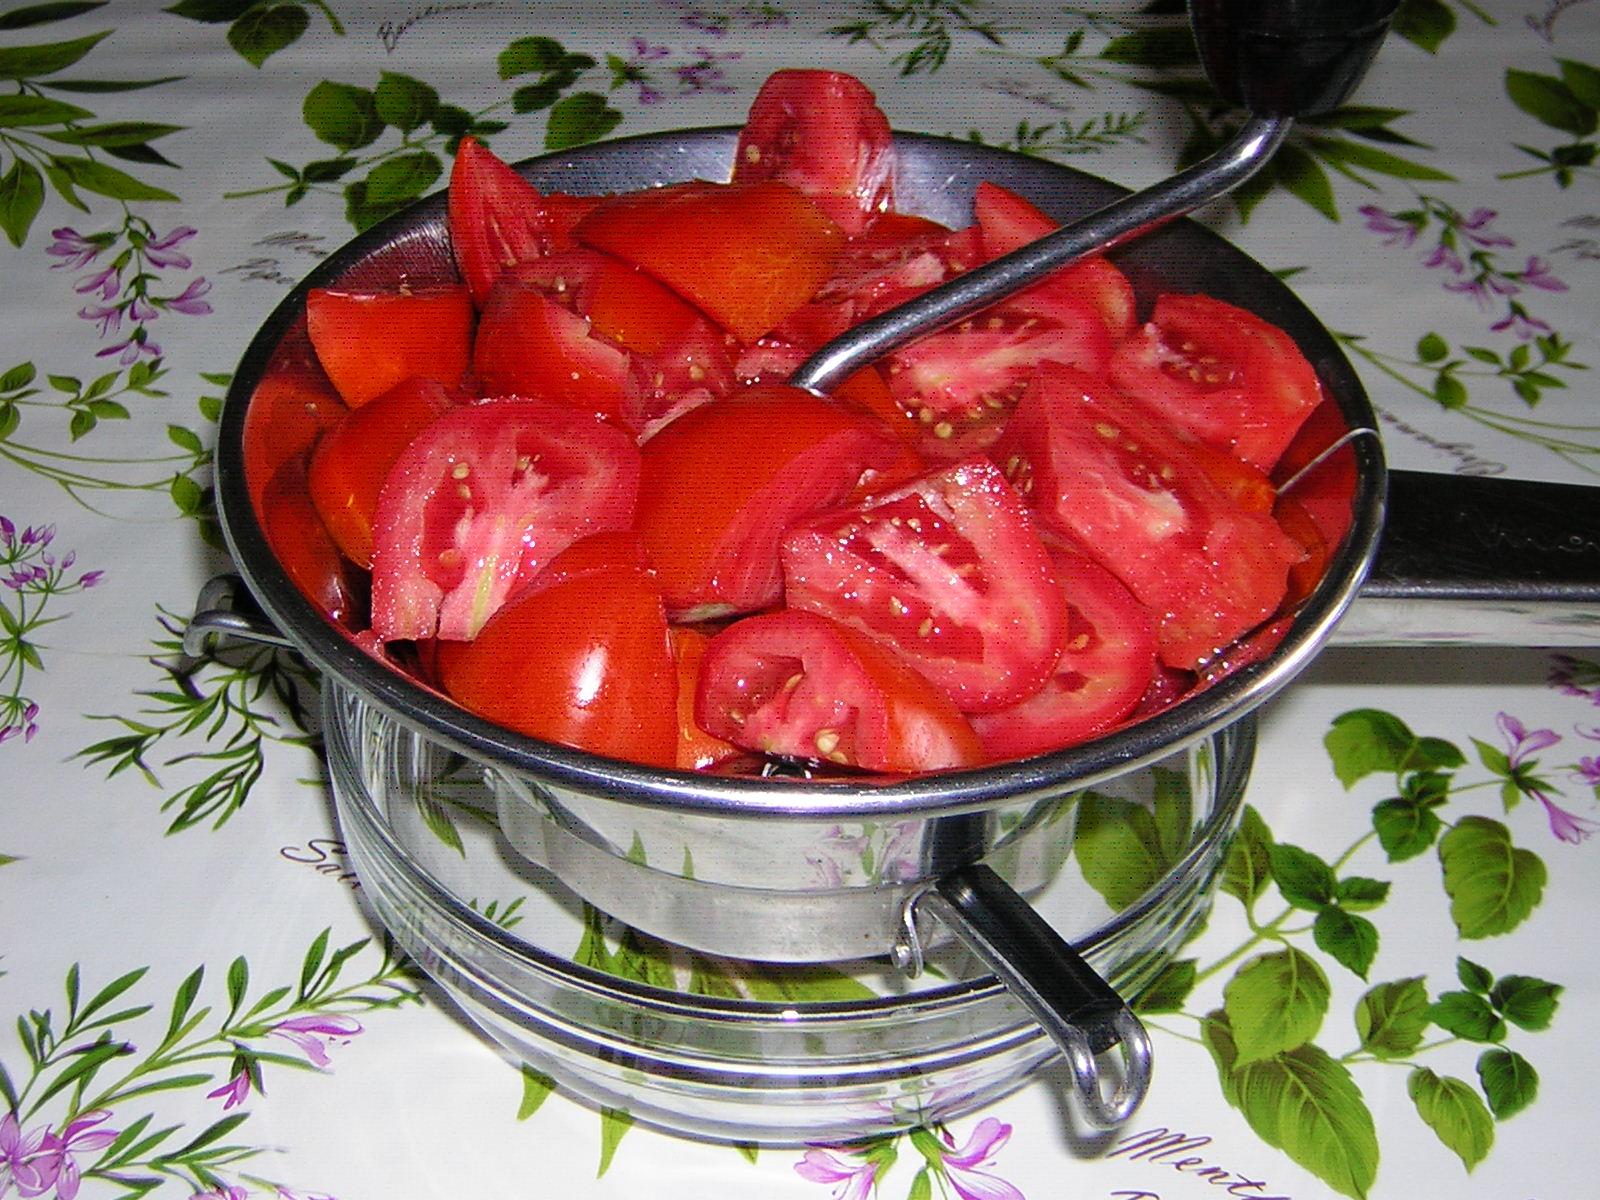 preparazione del succo di pomodoro